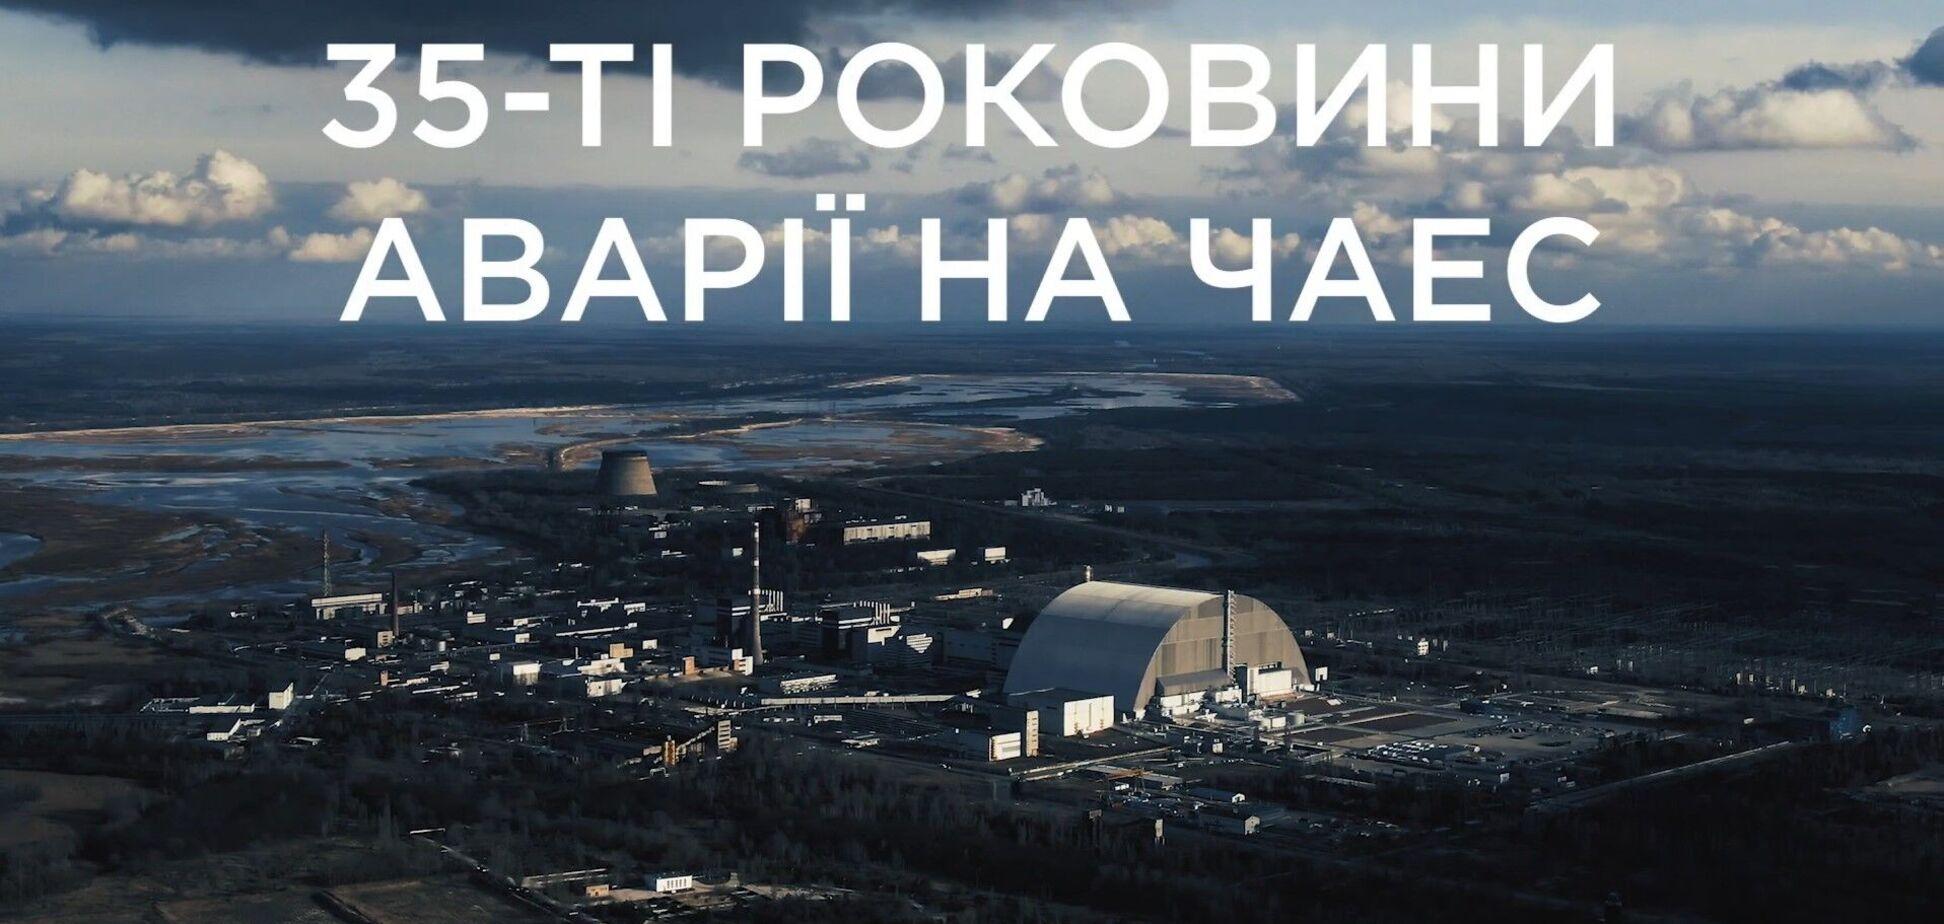 Організатори проекту зазначили, що 35-та річниця вибуху на ЧАЕС є хорошим шансом 'повернути Чорнобиль до поля свідомості суспільства'